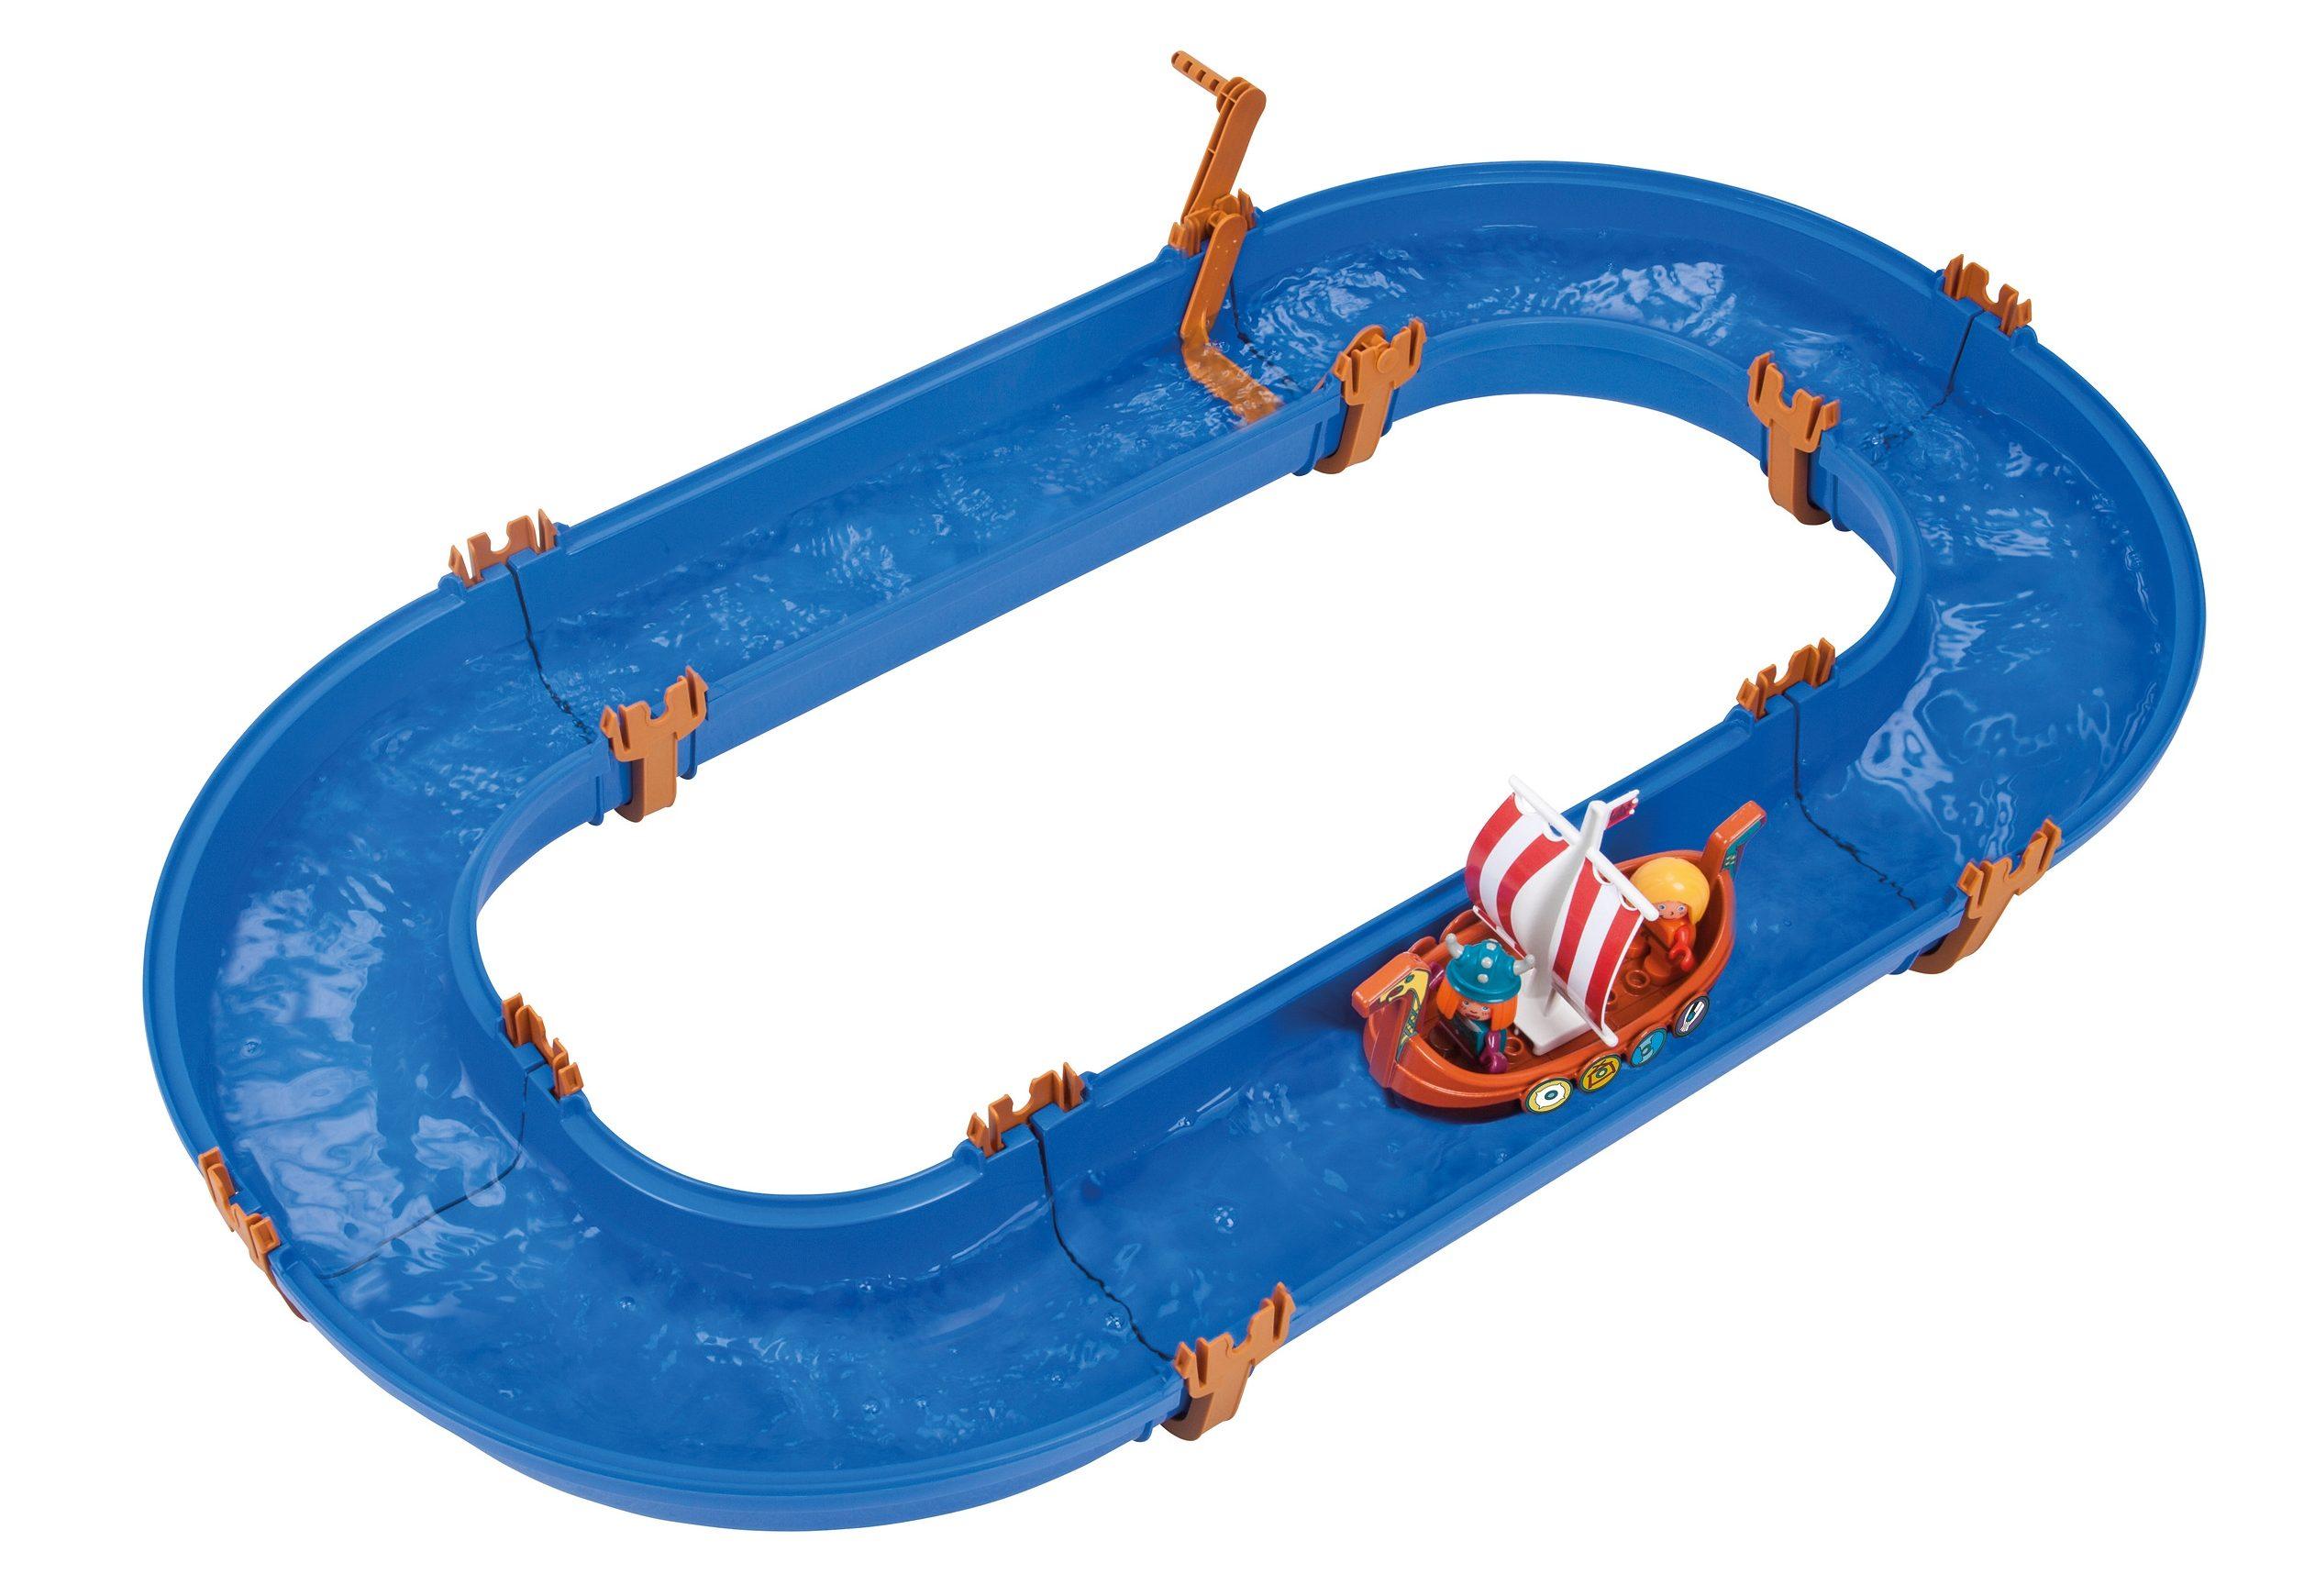 BIG Wasserbahn, »Waterplay Wickie - Große Abenteuerfahrt«